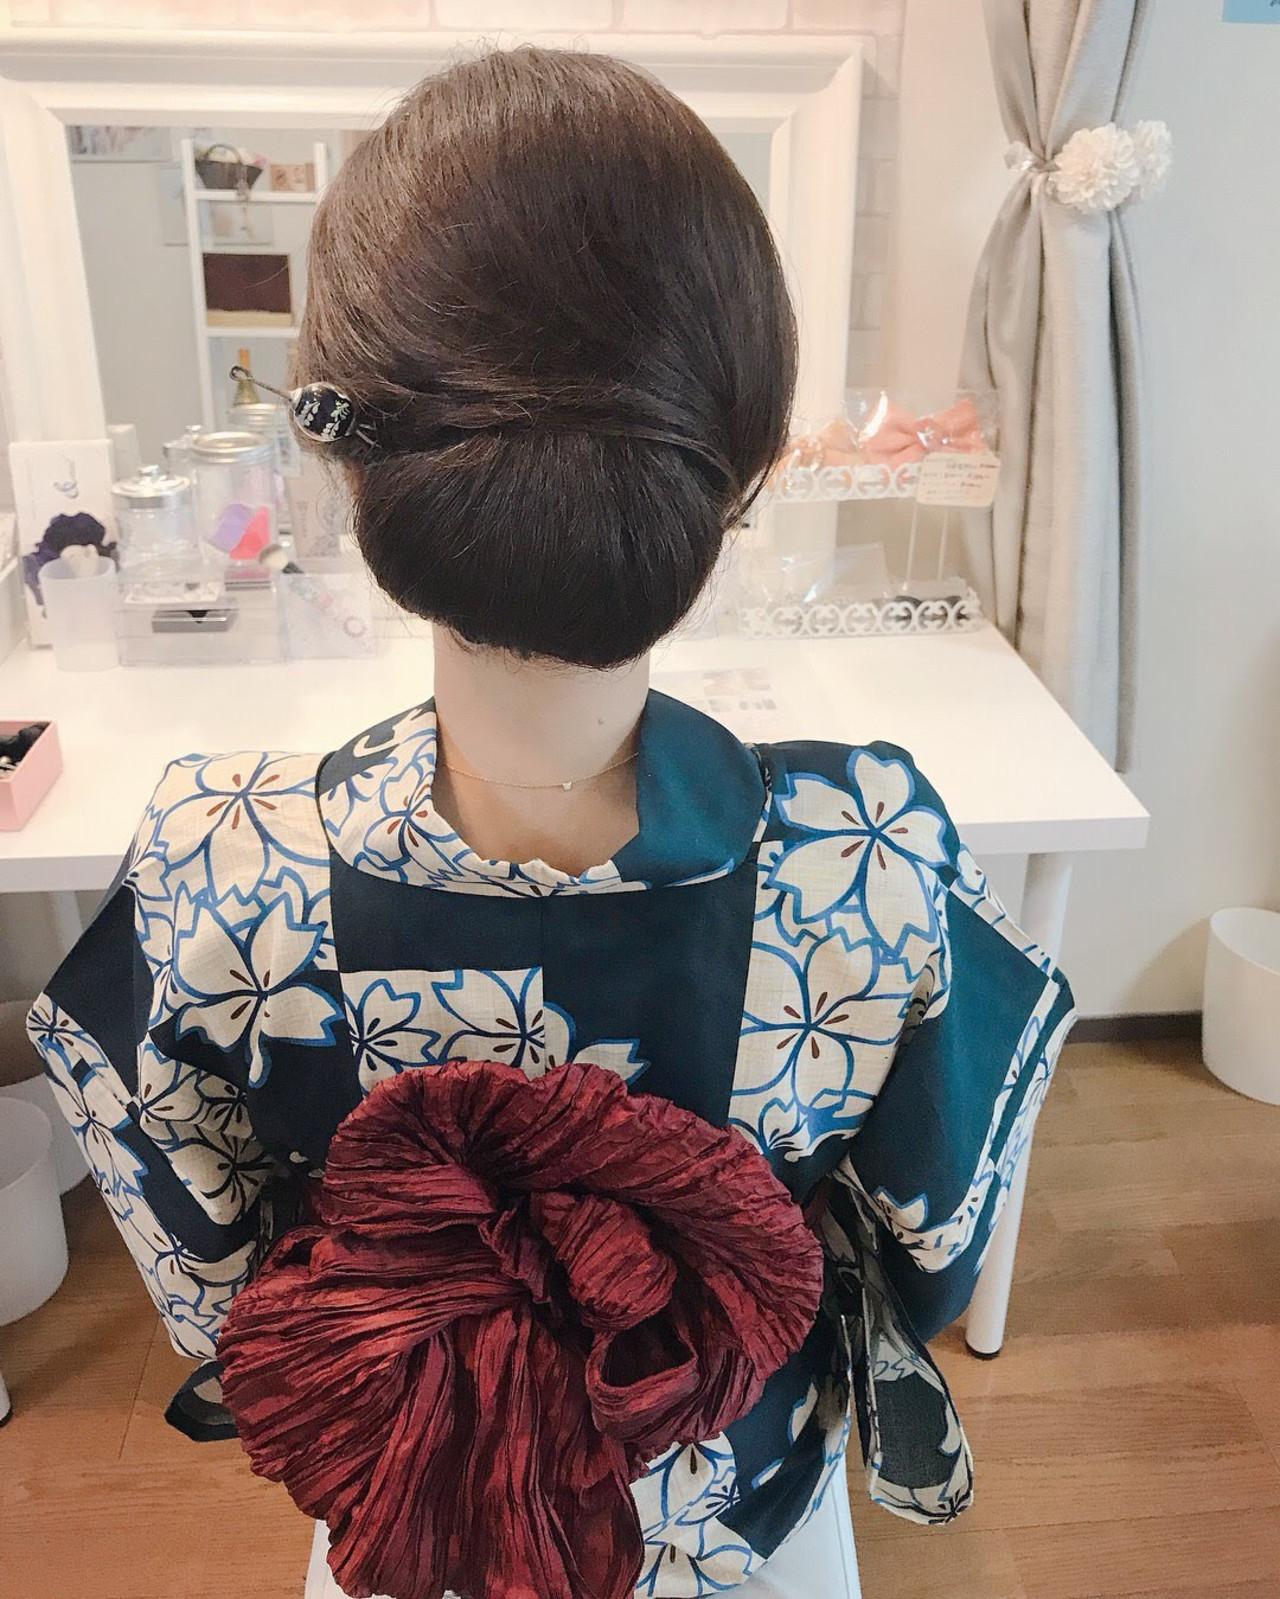 エレガント 結婚式 ロング シニヨン ヘアスタイルや髪型の写真・画像 | Moriyama Mami / 福岡天神ヘアセット・着付け専門店【Three-keys】